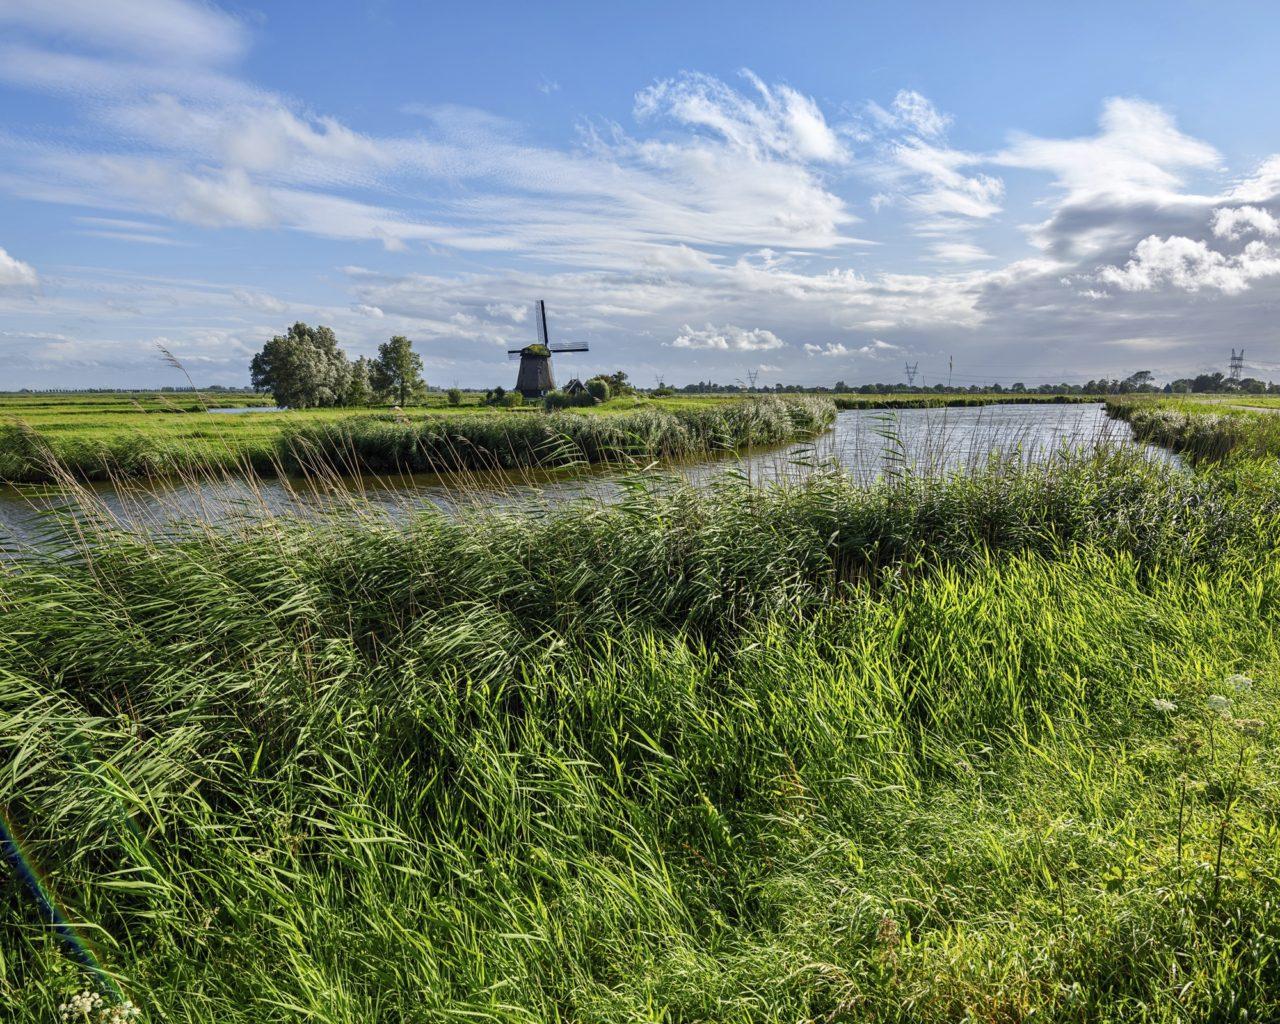 Fall Birds Wallpaper Netherlands Scenery Rivers Sky Edam Grass Nature 411328